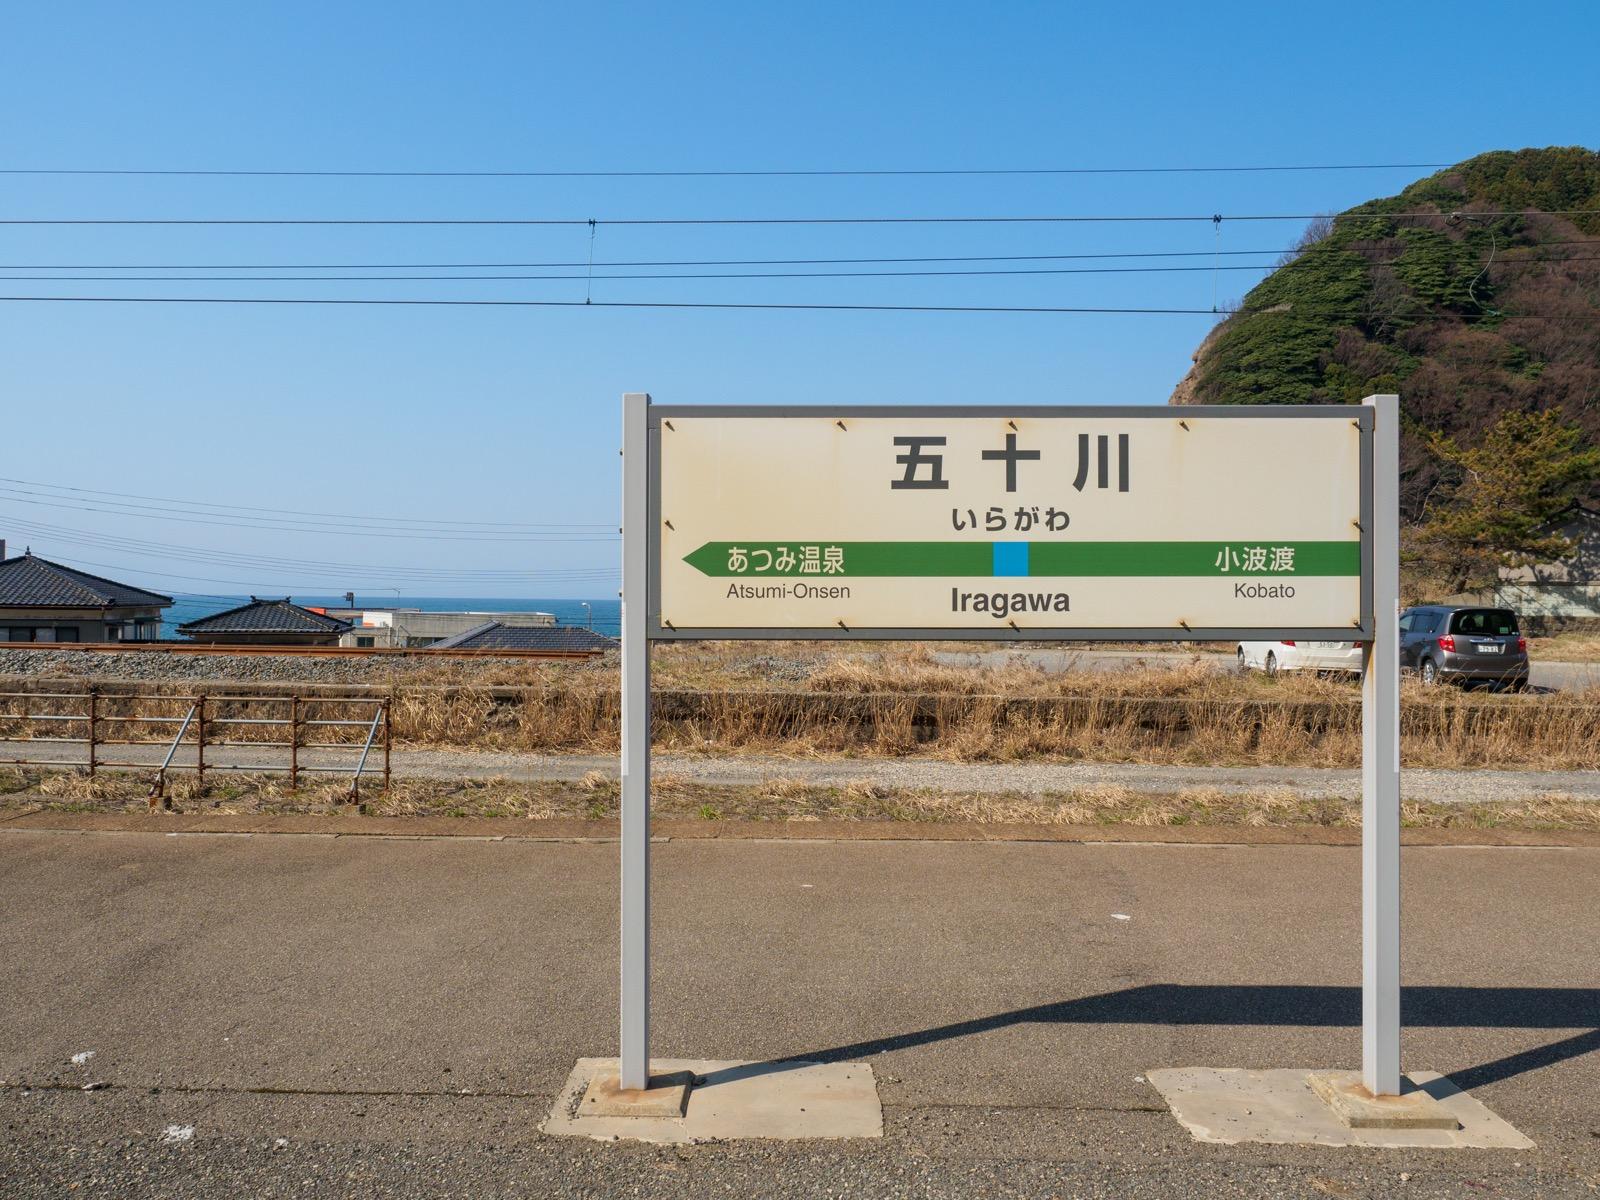 五十川駅の駅名標と日本海